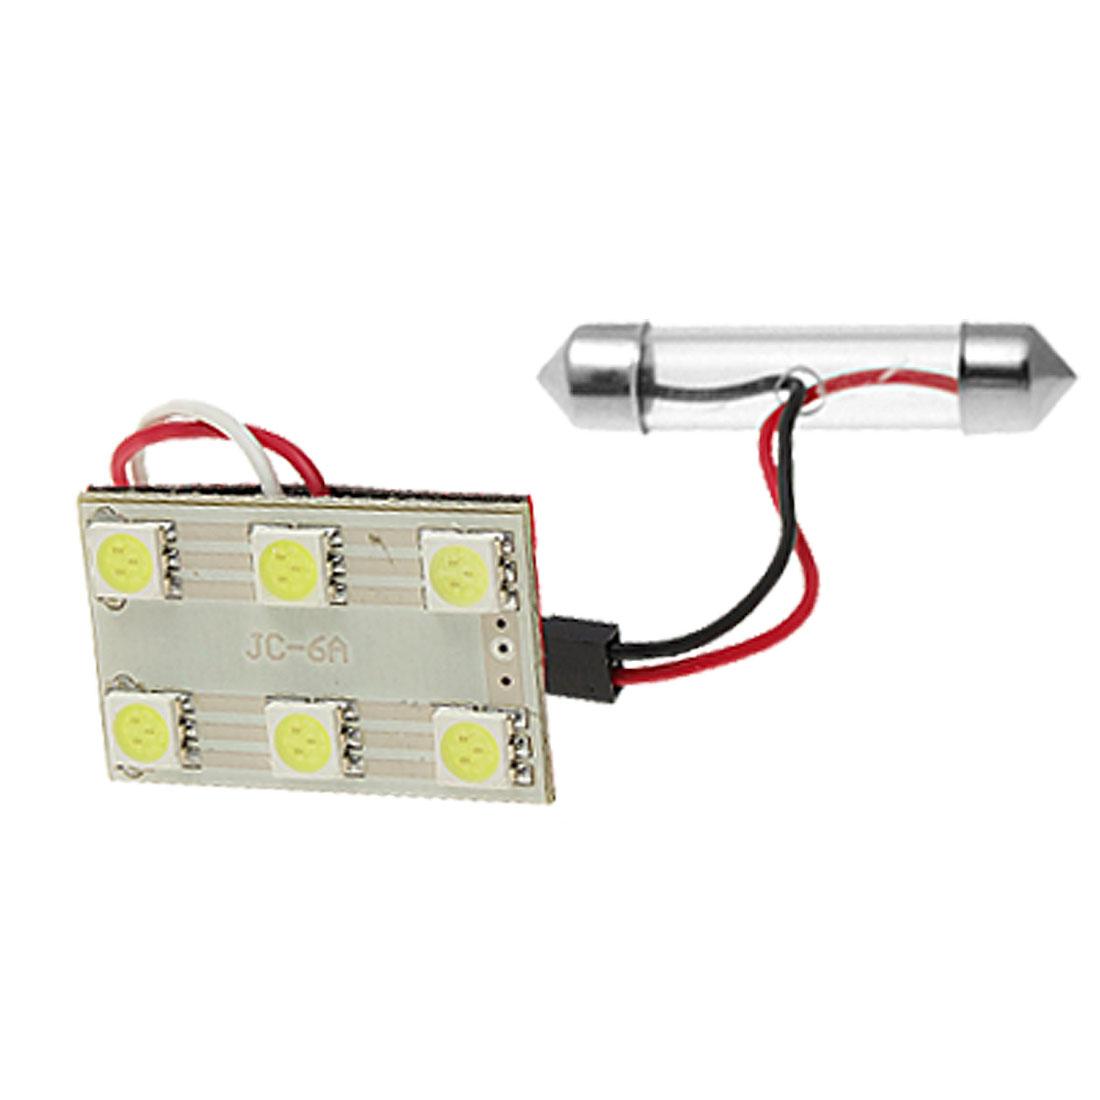 Car White 6 5050 SMD LED Dome Light Bulb T10 Festoon Lamp